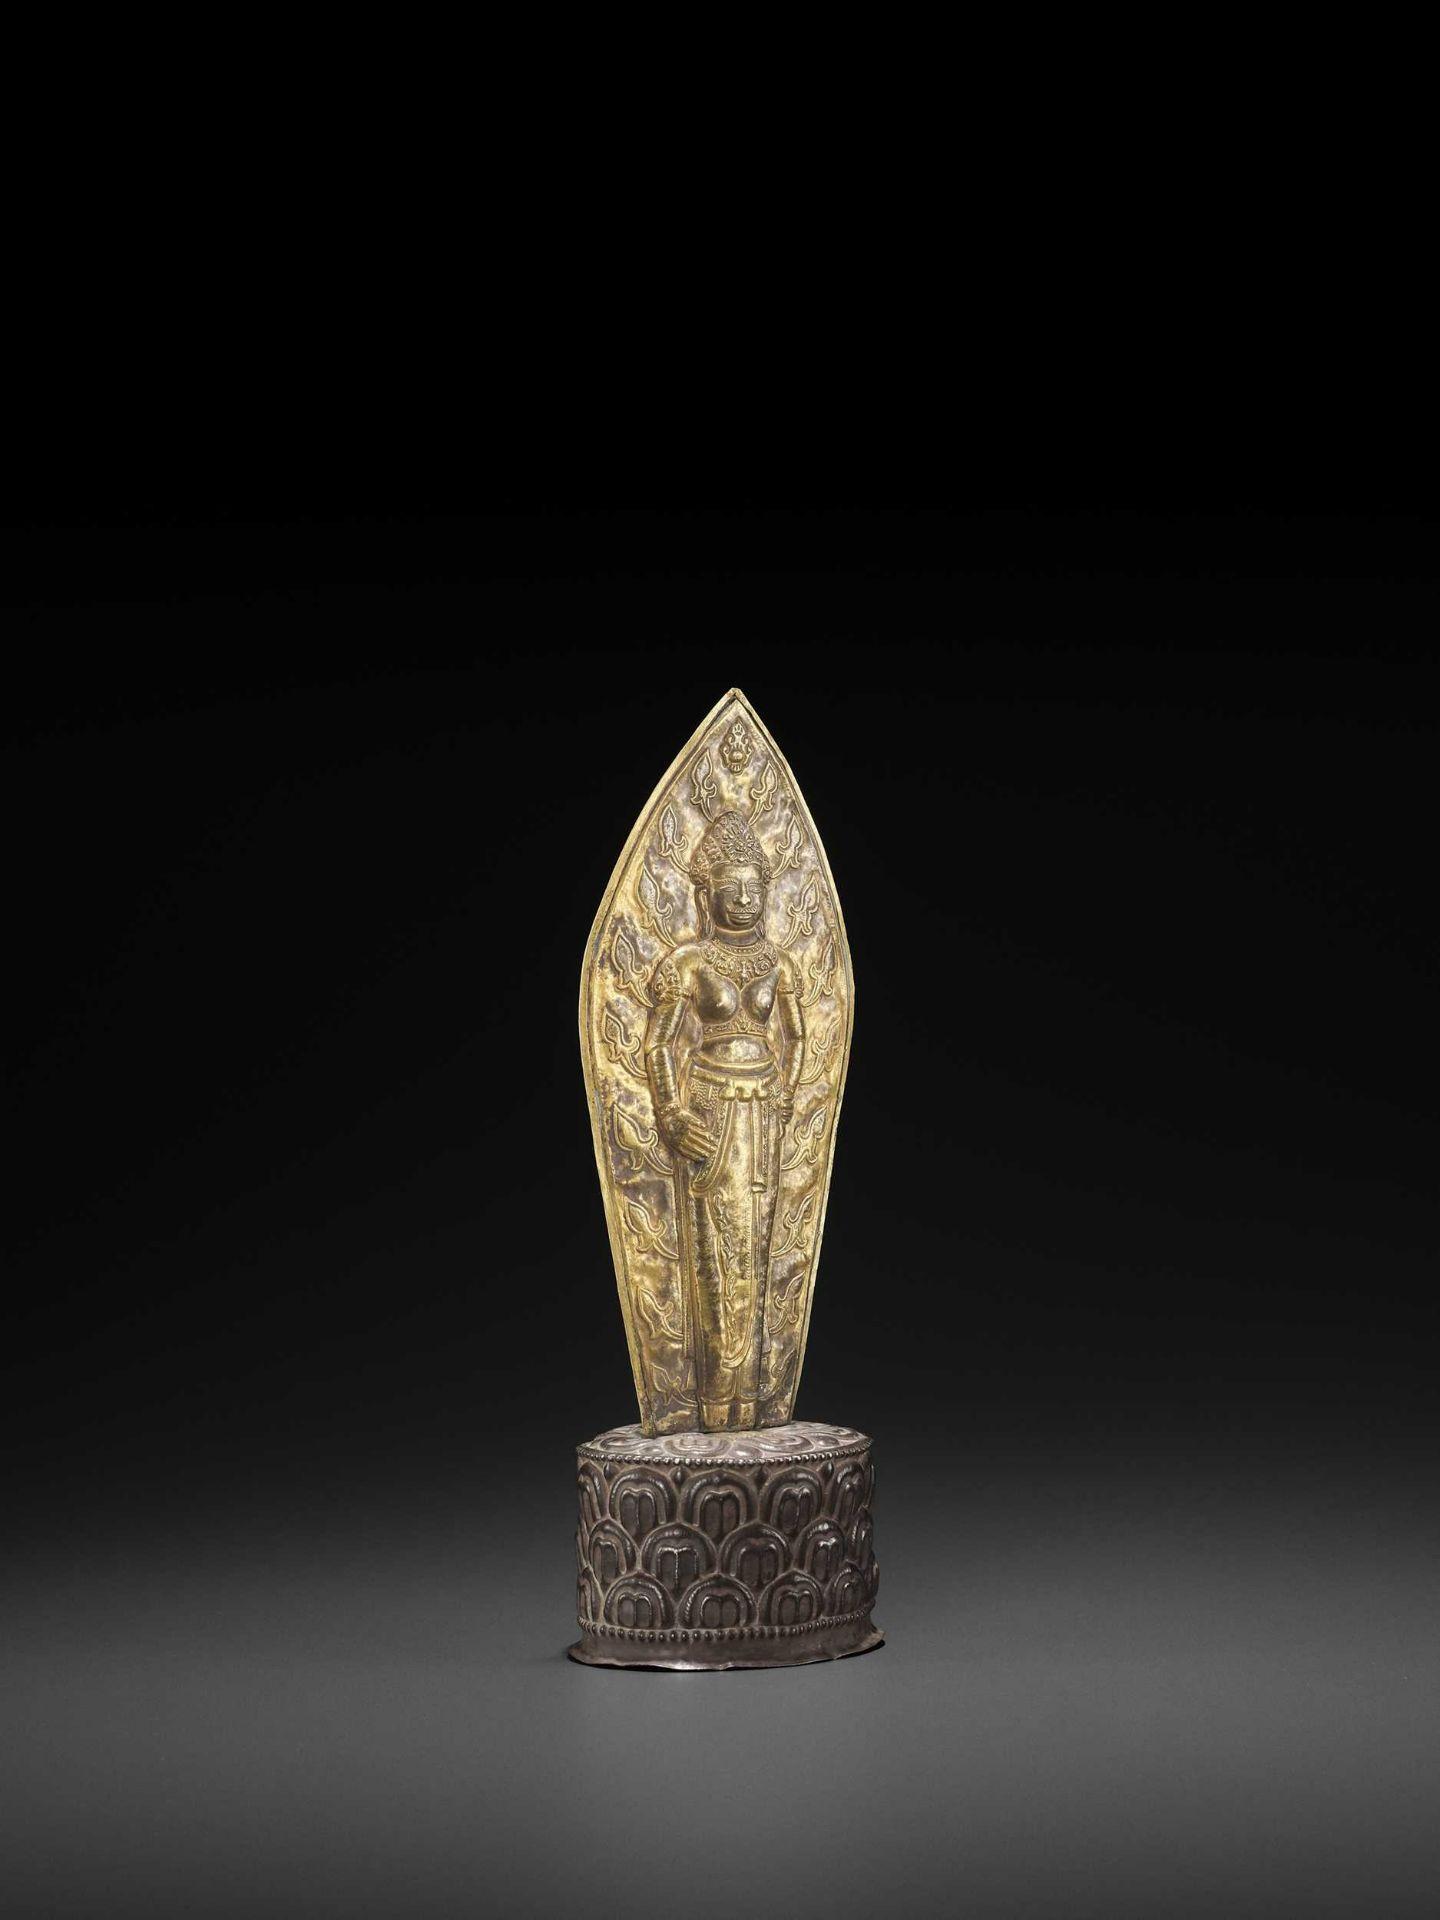 A VERY RARE CHAM GOLD REPOUSSÉ SCULPTURE DEPICTING DURGA - Bild 5 aus 7